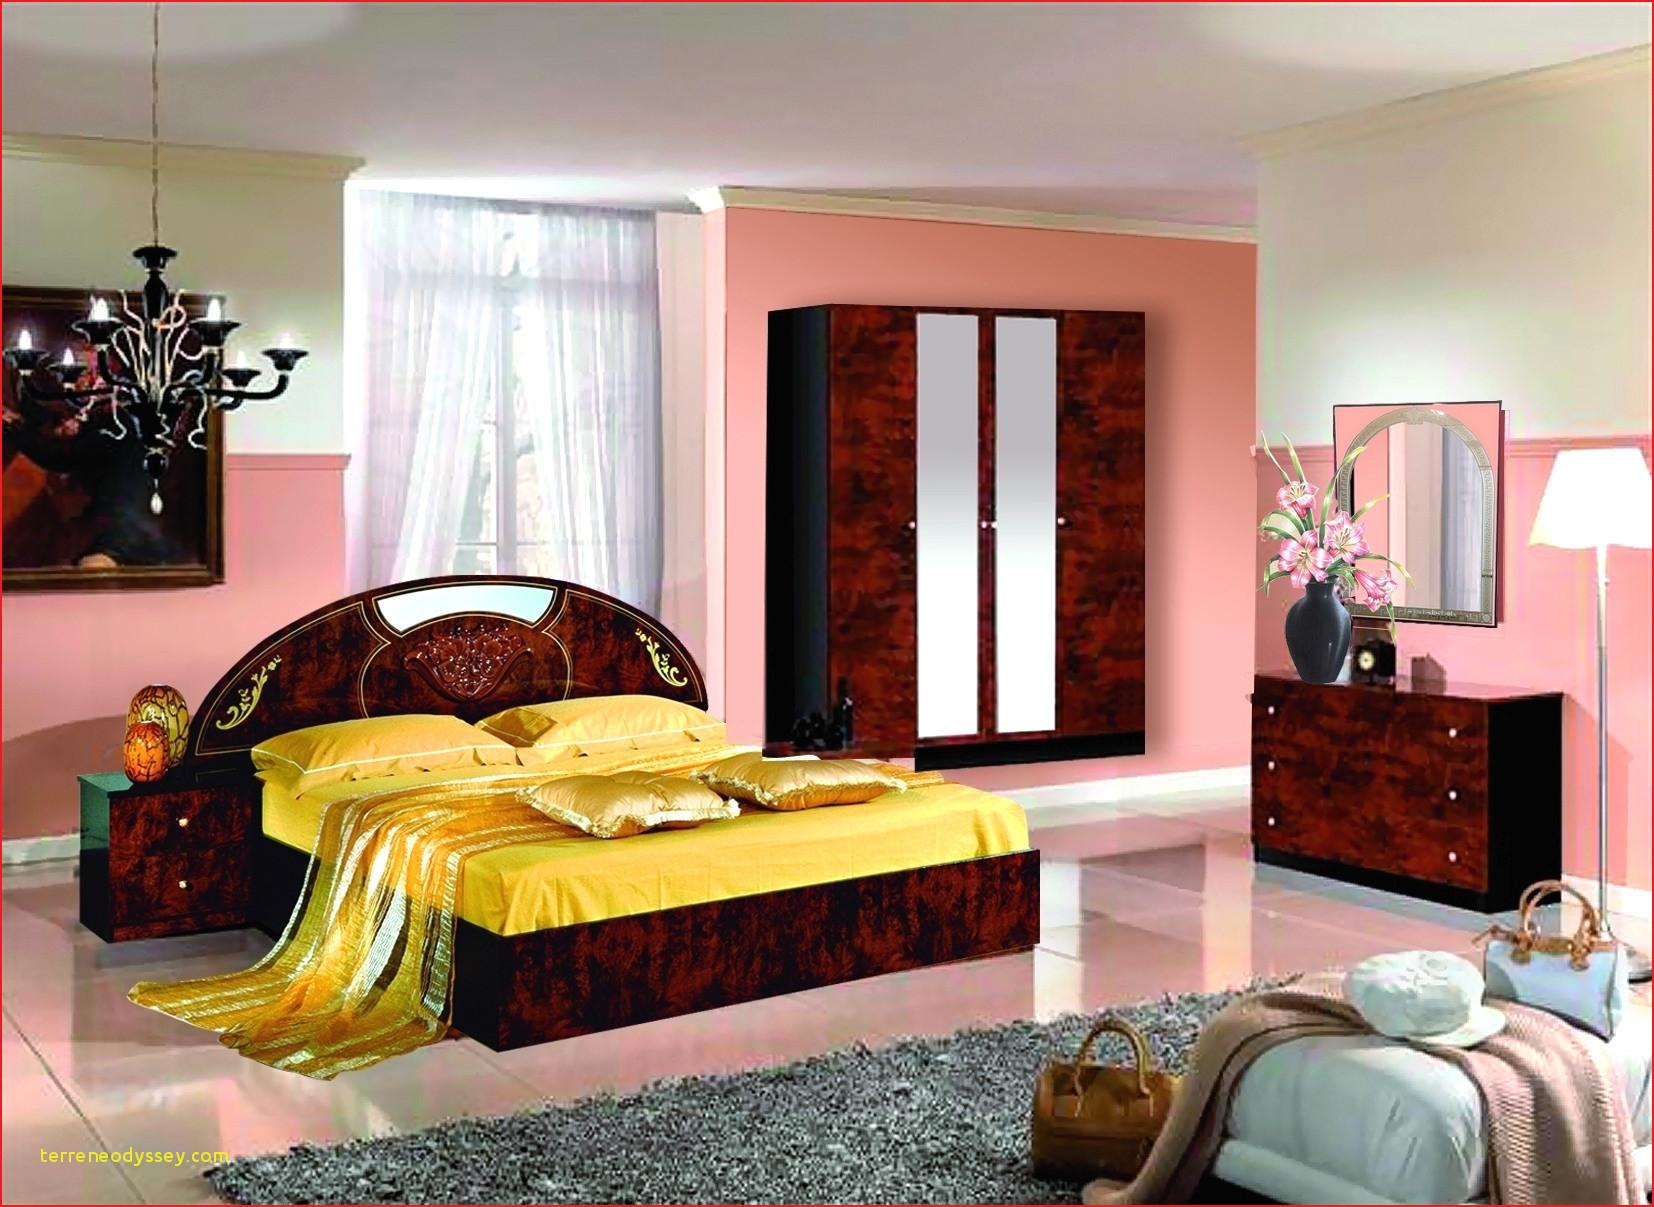 armoire blanche chambre 47 meuble de chambre en bois asie bois concept of armoire blanche chambre